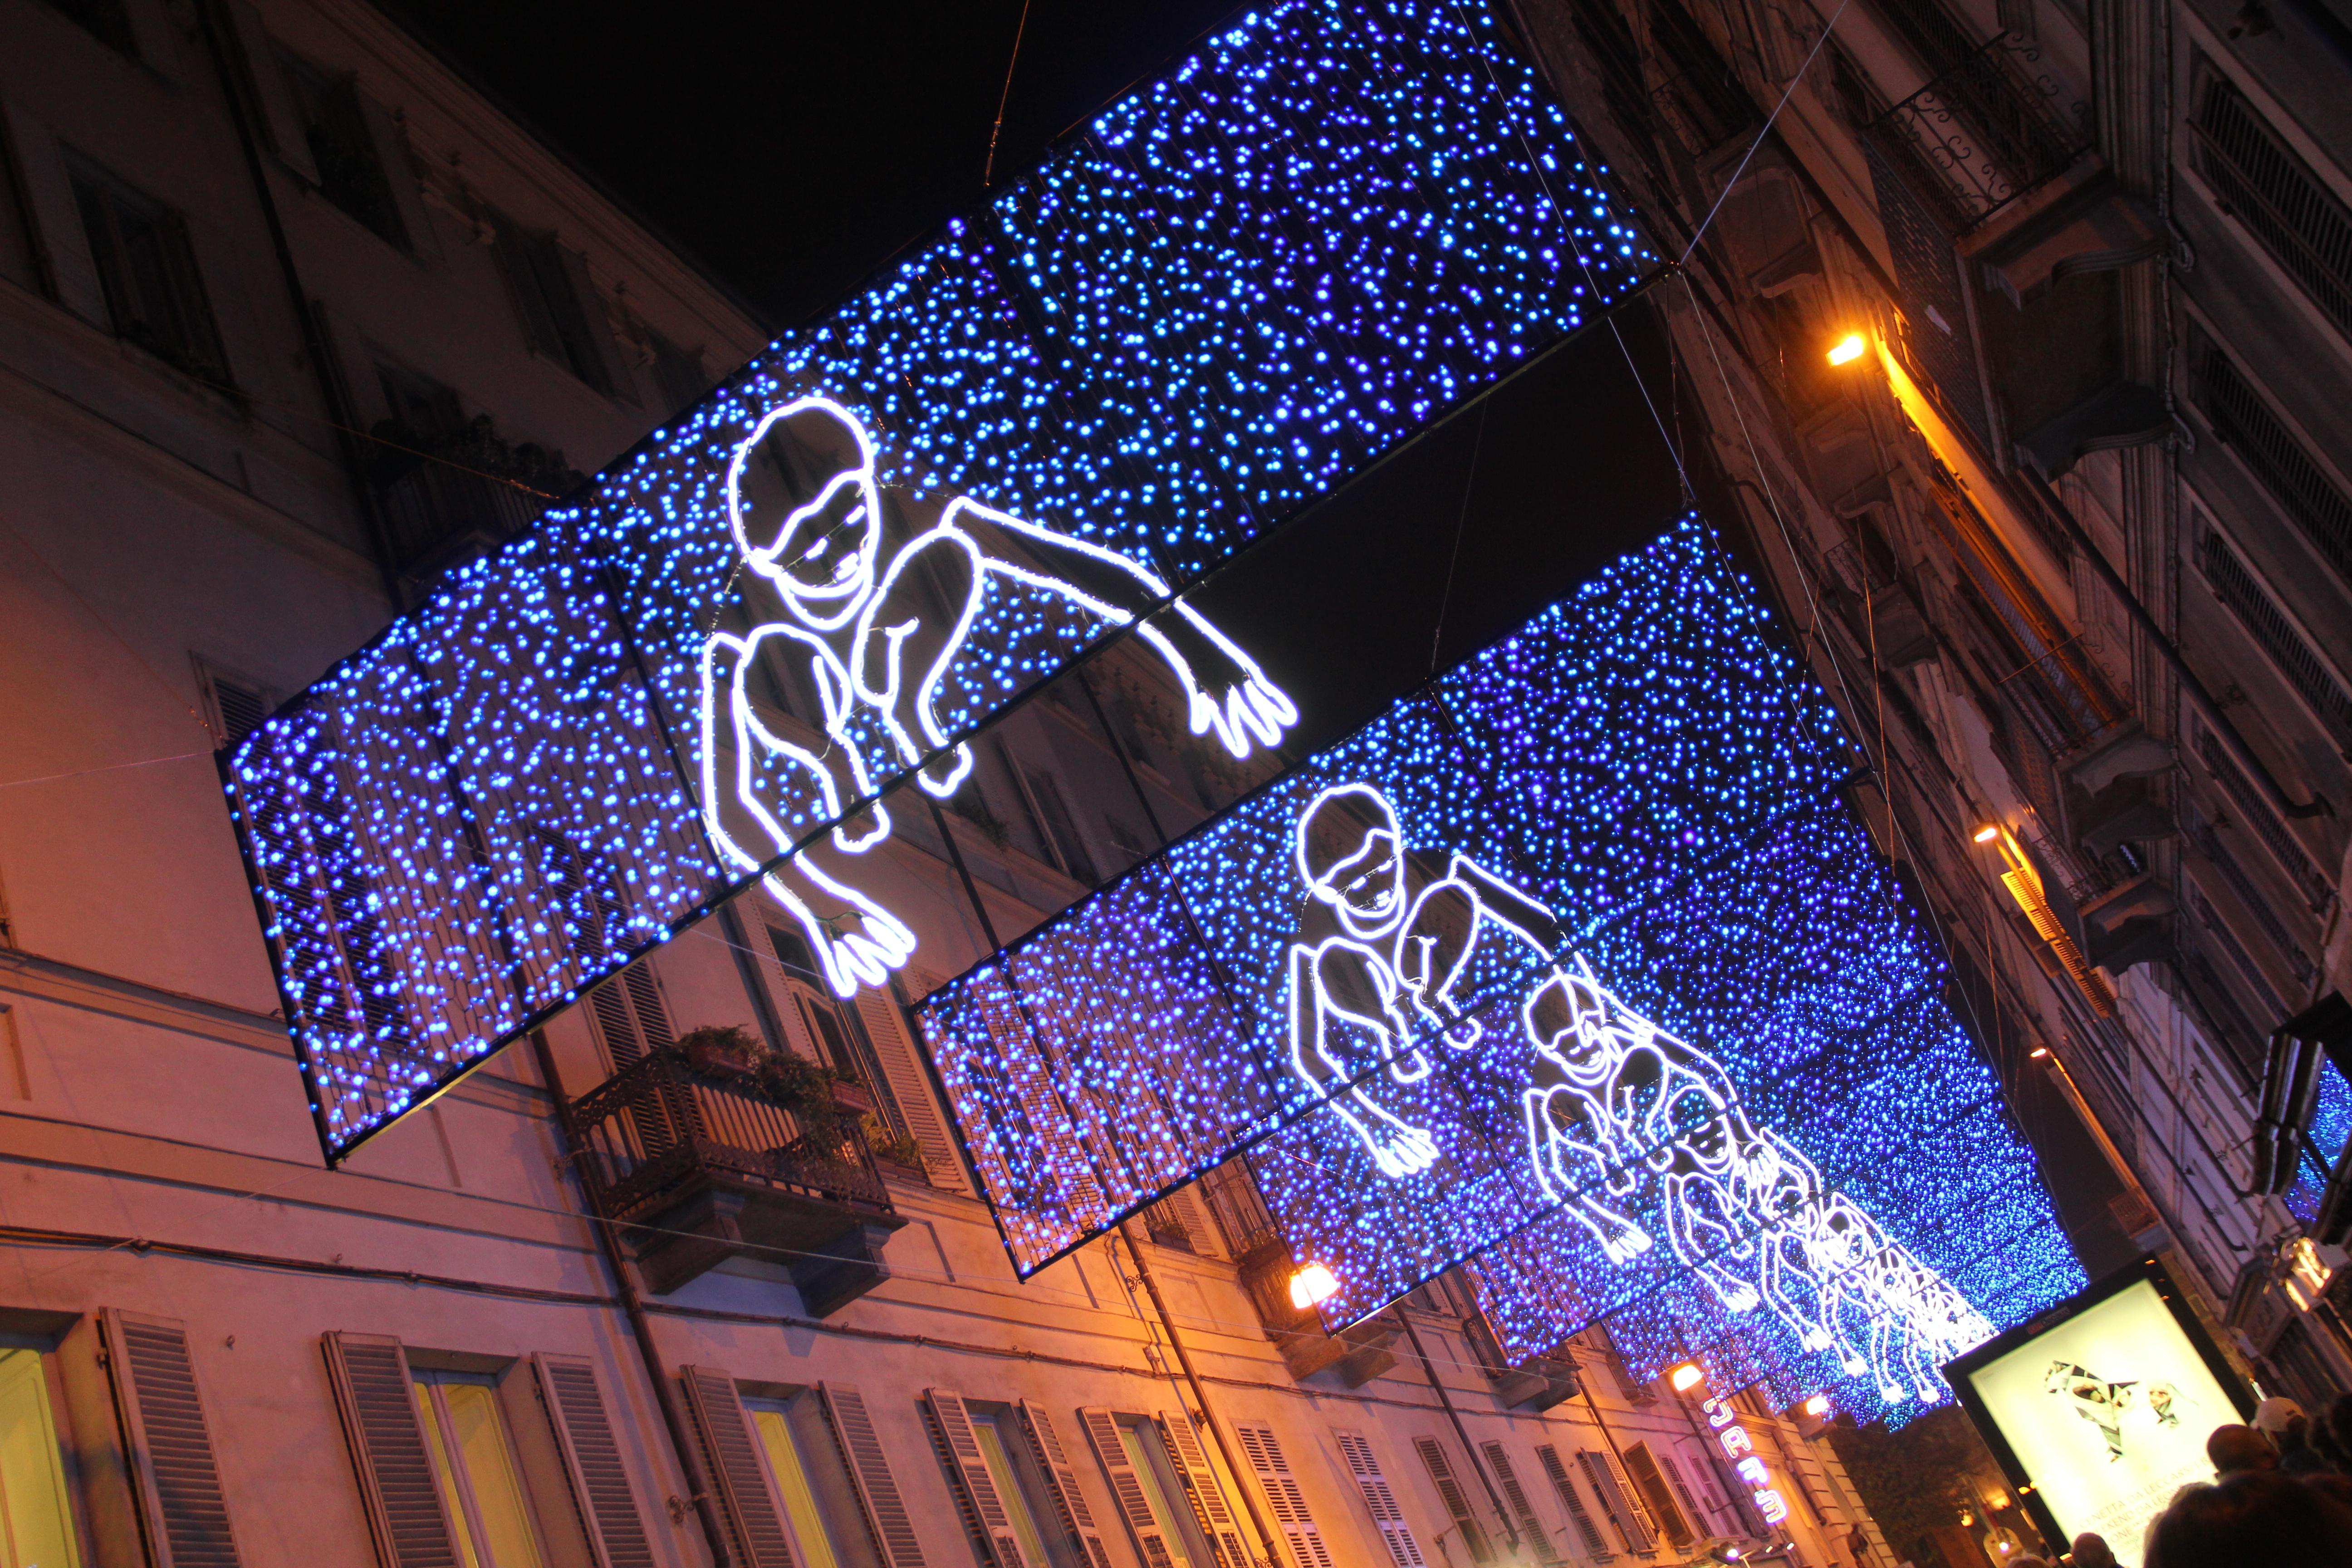 Luci d'artista Torino 2015, dove trovarle in città